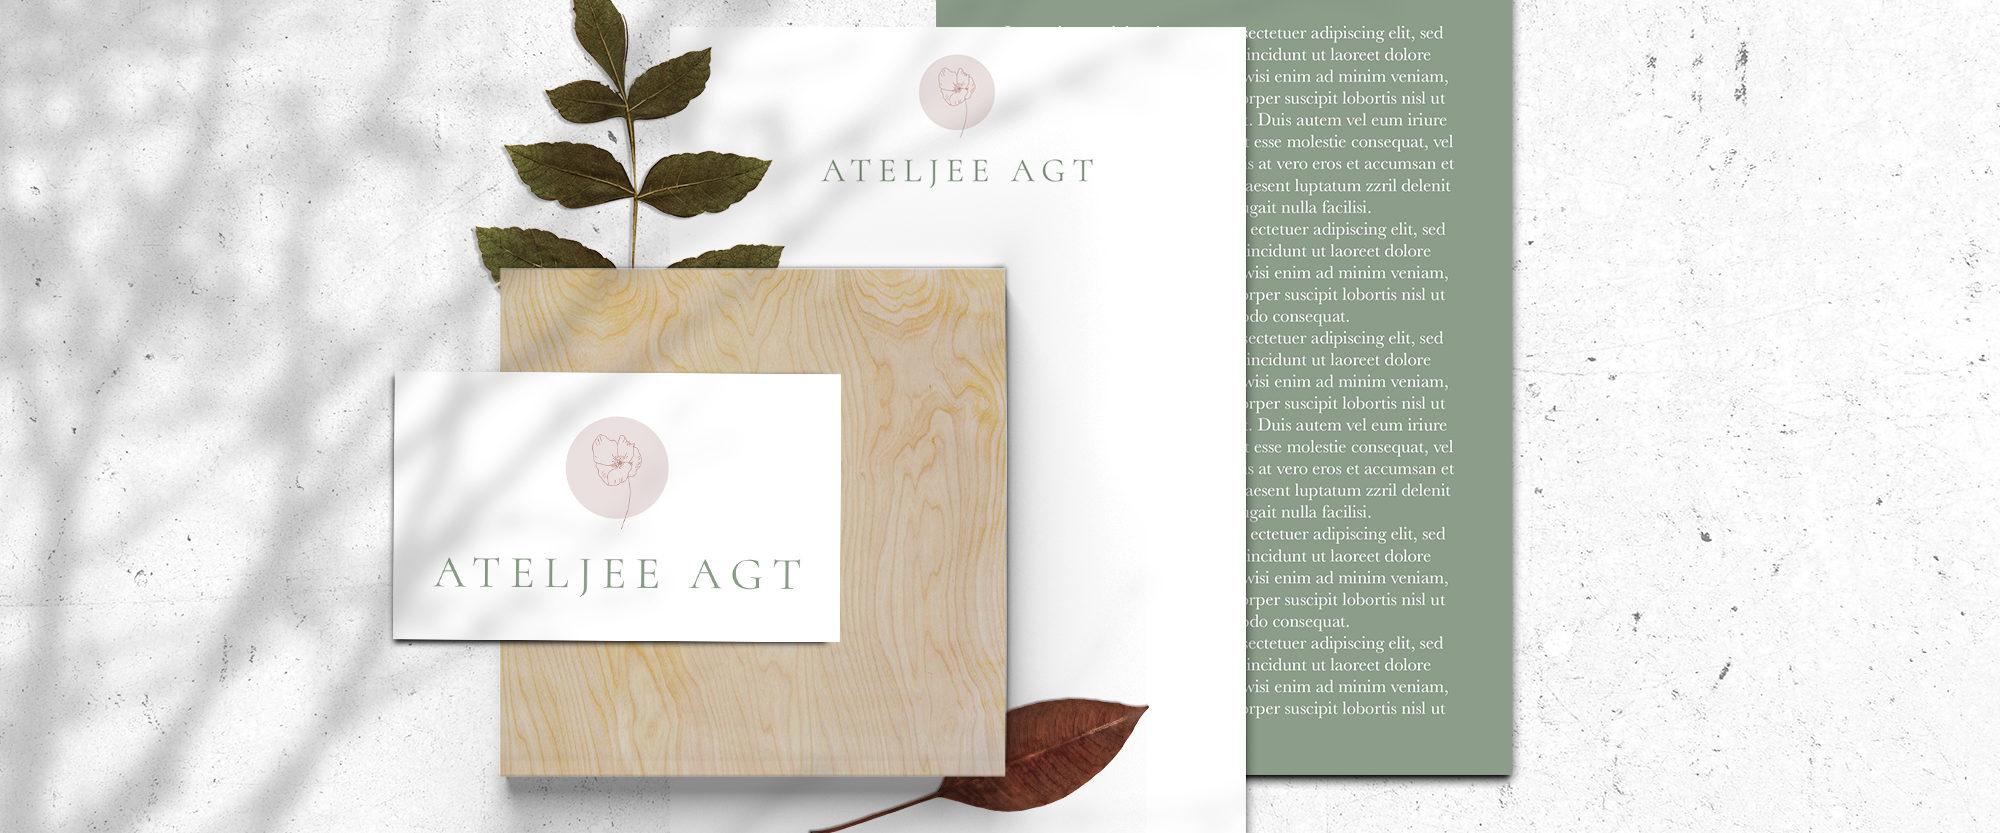 Branding: Ateljee Agt | Eunoia Studio